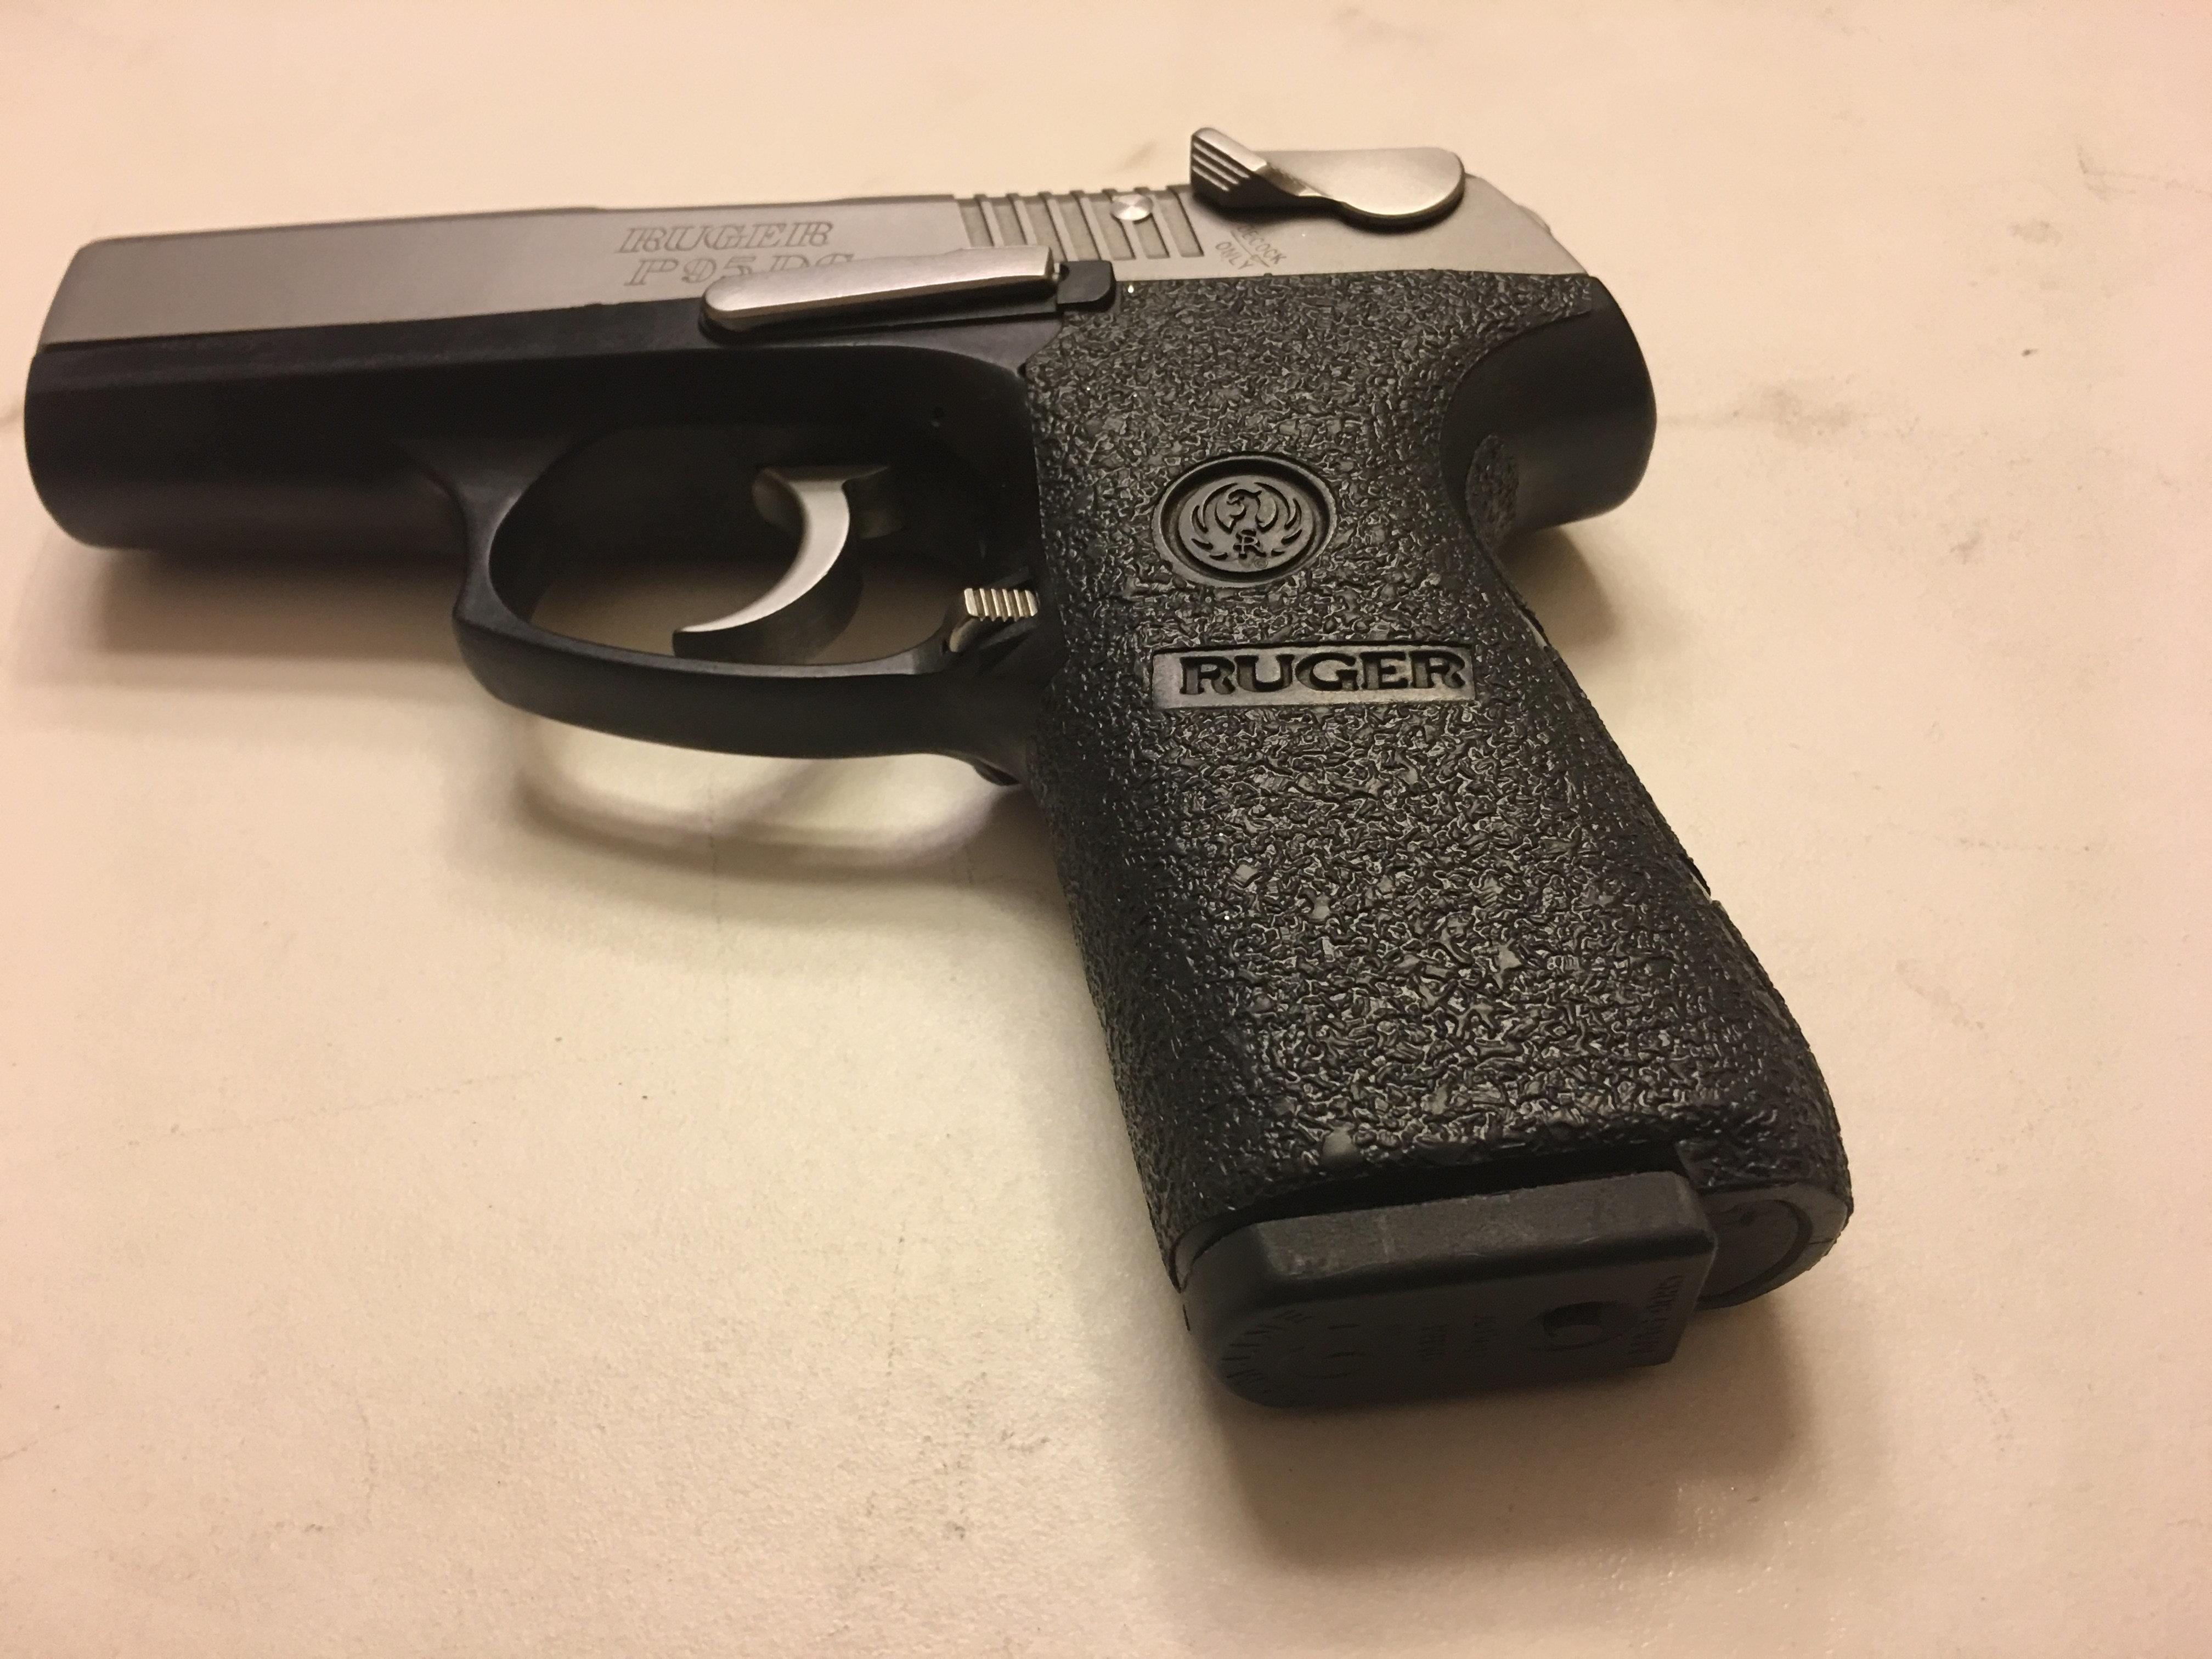 Ruger P95 Textured Rubber Gun Grip Enhancement